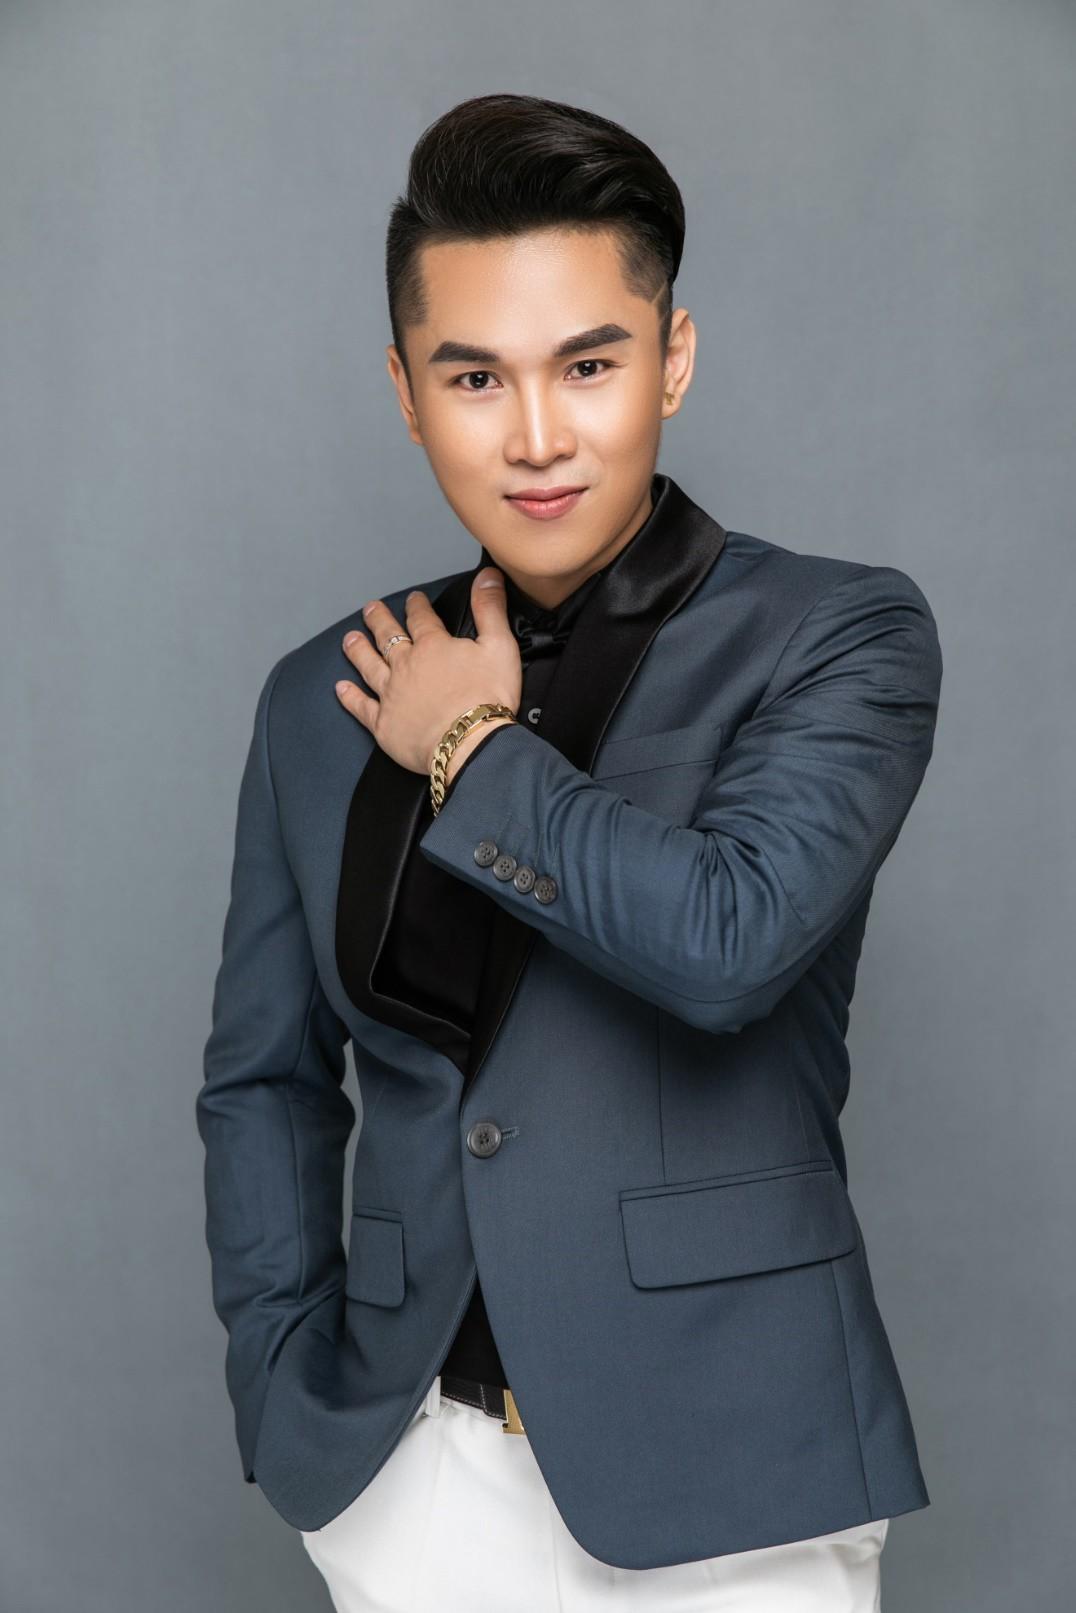 Hát bài mới ra tựa đề Xa em, ca sỹ Du Thiên bị nhóm khán giả lao vào hành hung tại hội chợ vì cho rằng đạo nhạc-2